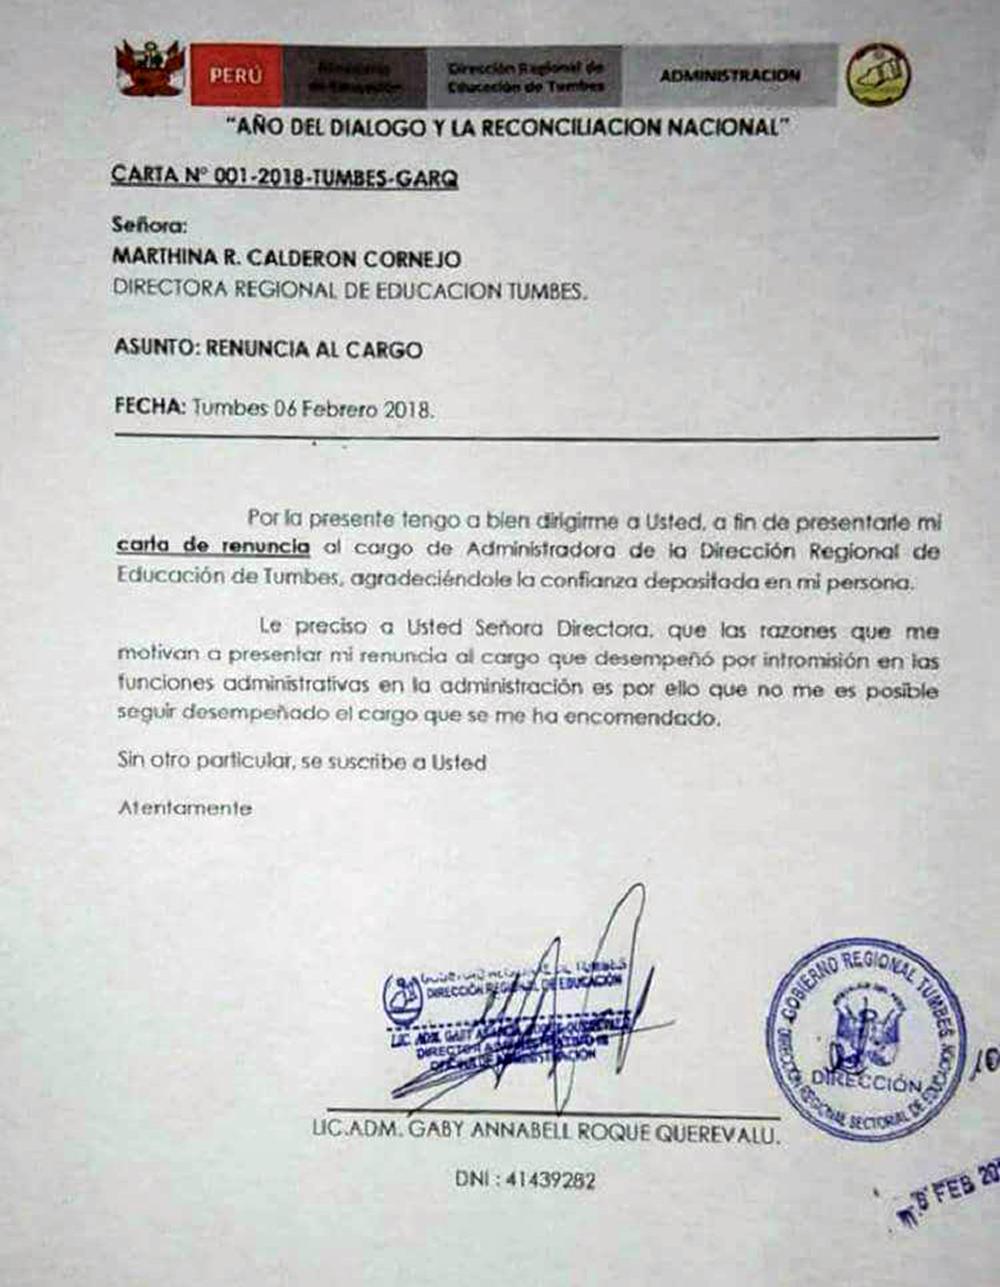 Carta de renuncia de funcionaria de Educación en Tumbes.